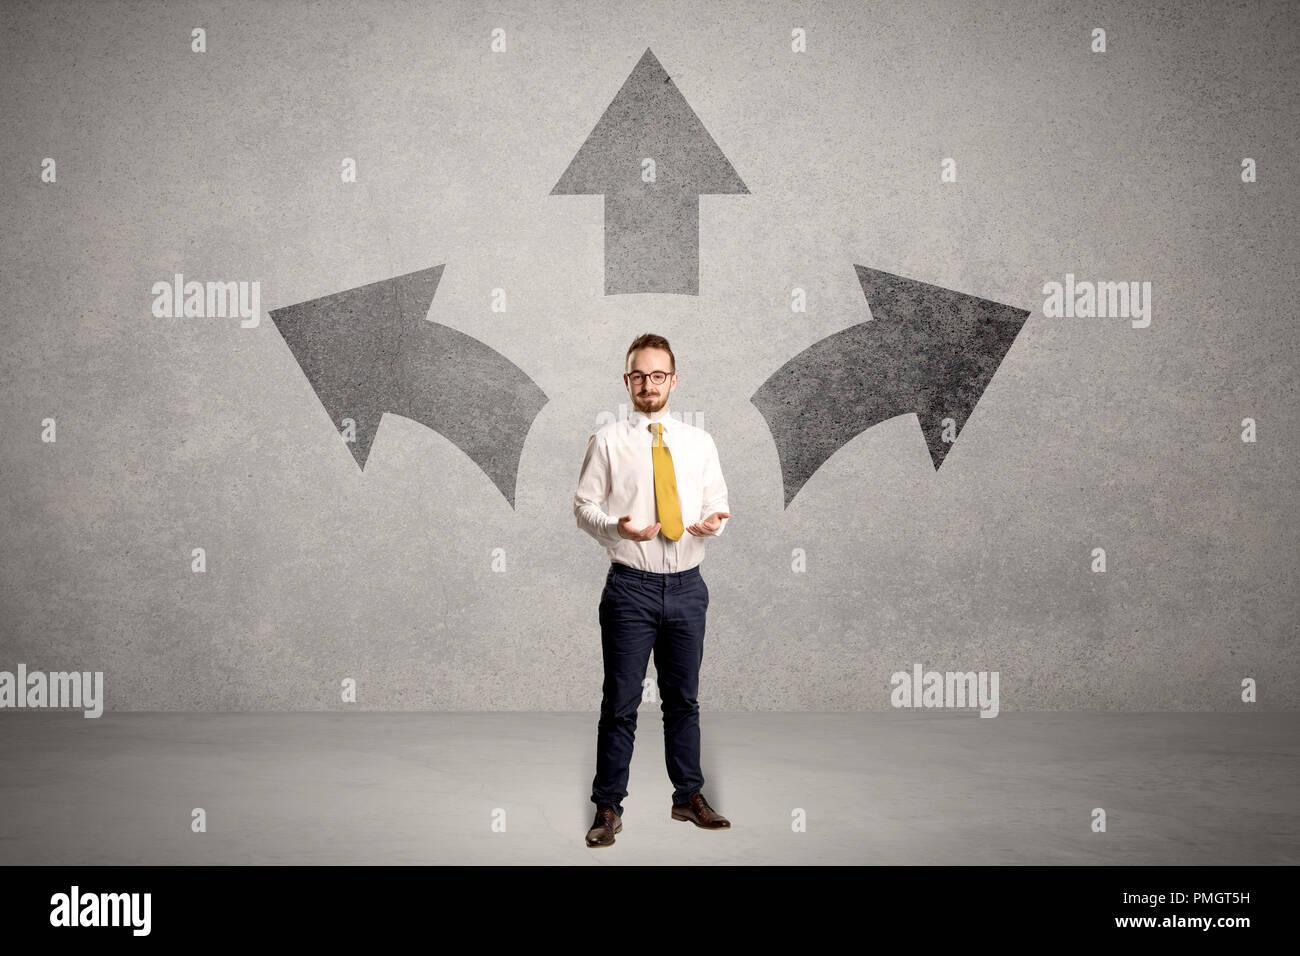 Encantador empresario en duda, eligiendo desde tres direcciones en frente de una pared gris Imagen De Stock